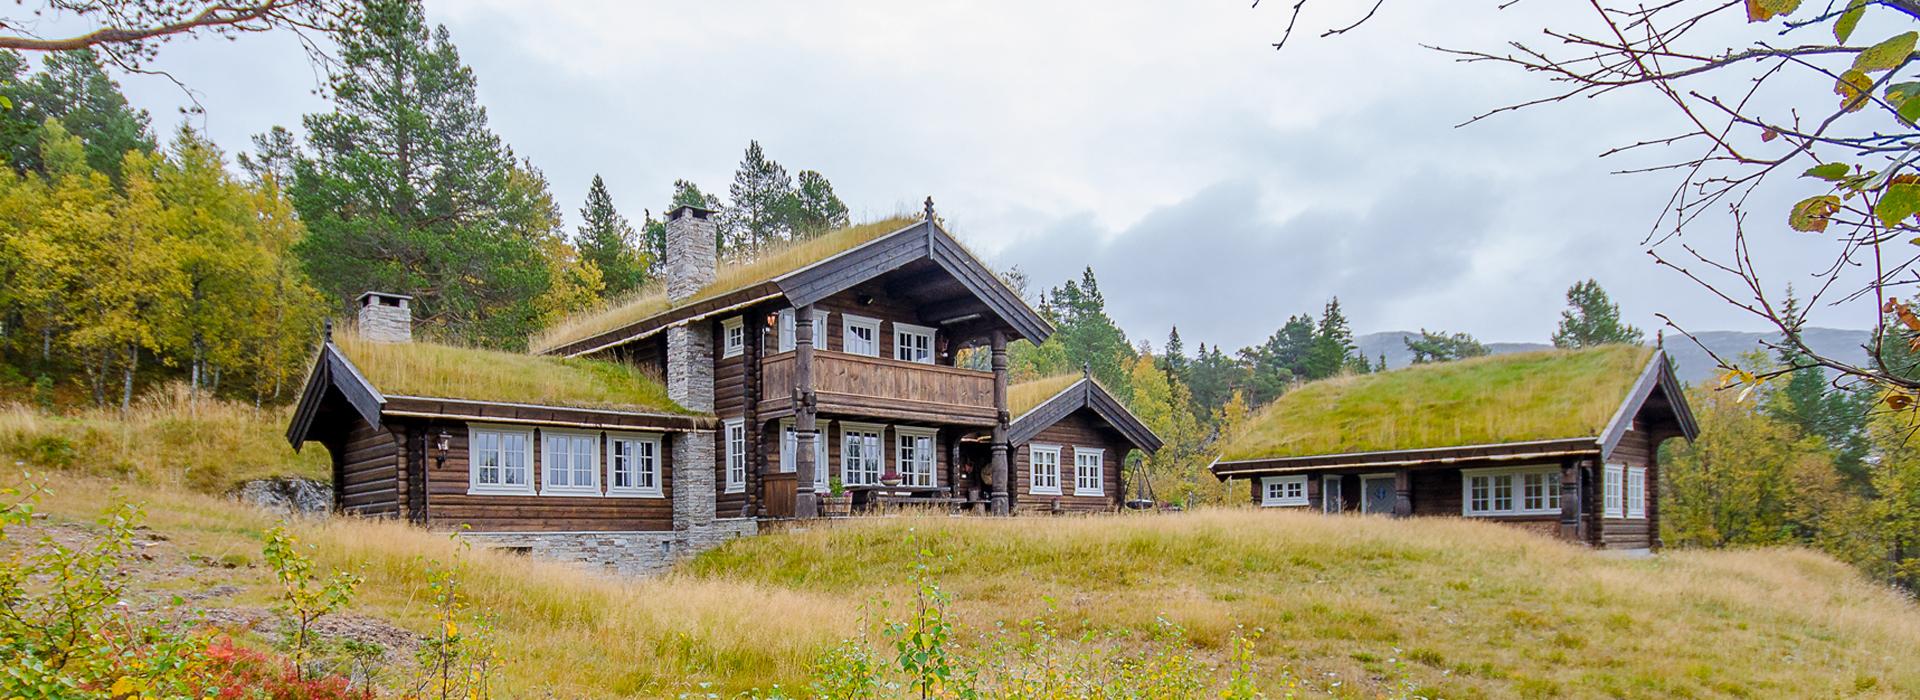 Haukeli hytter og hus laftahytte anneks rauland telemark tømmerhytte